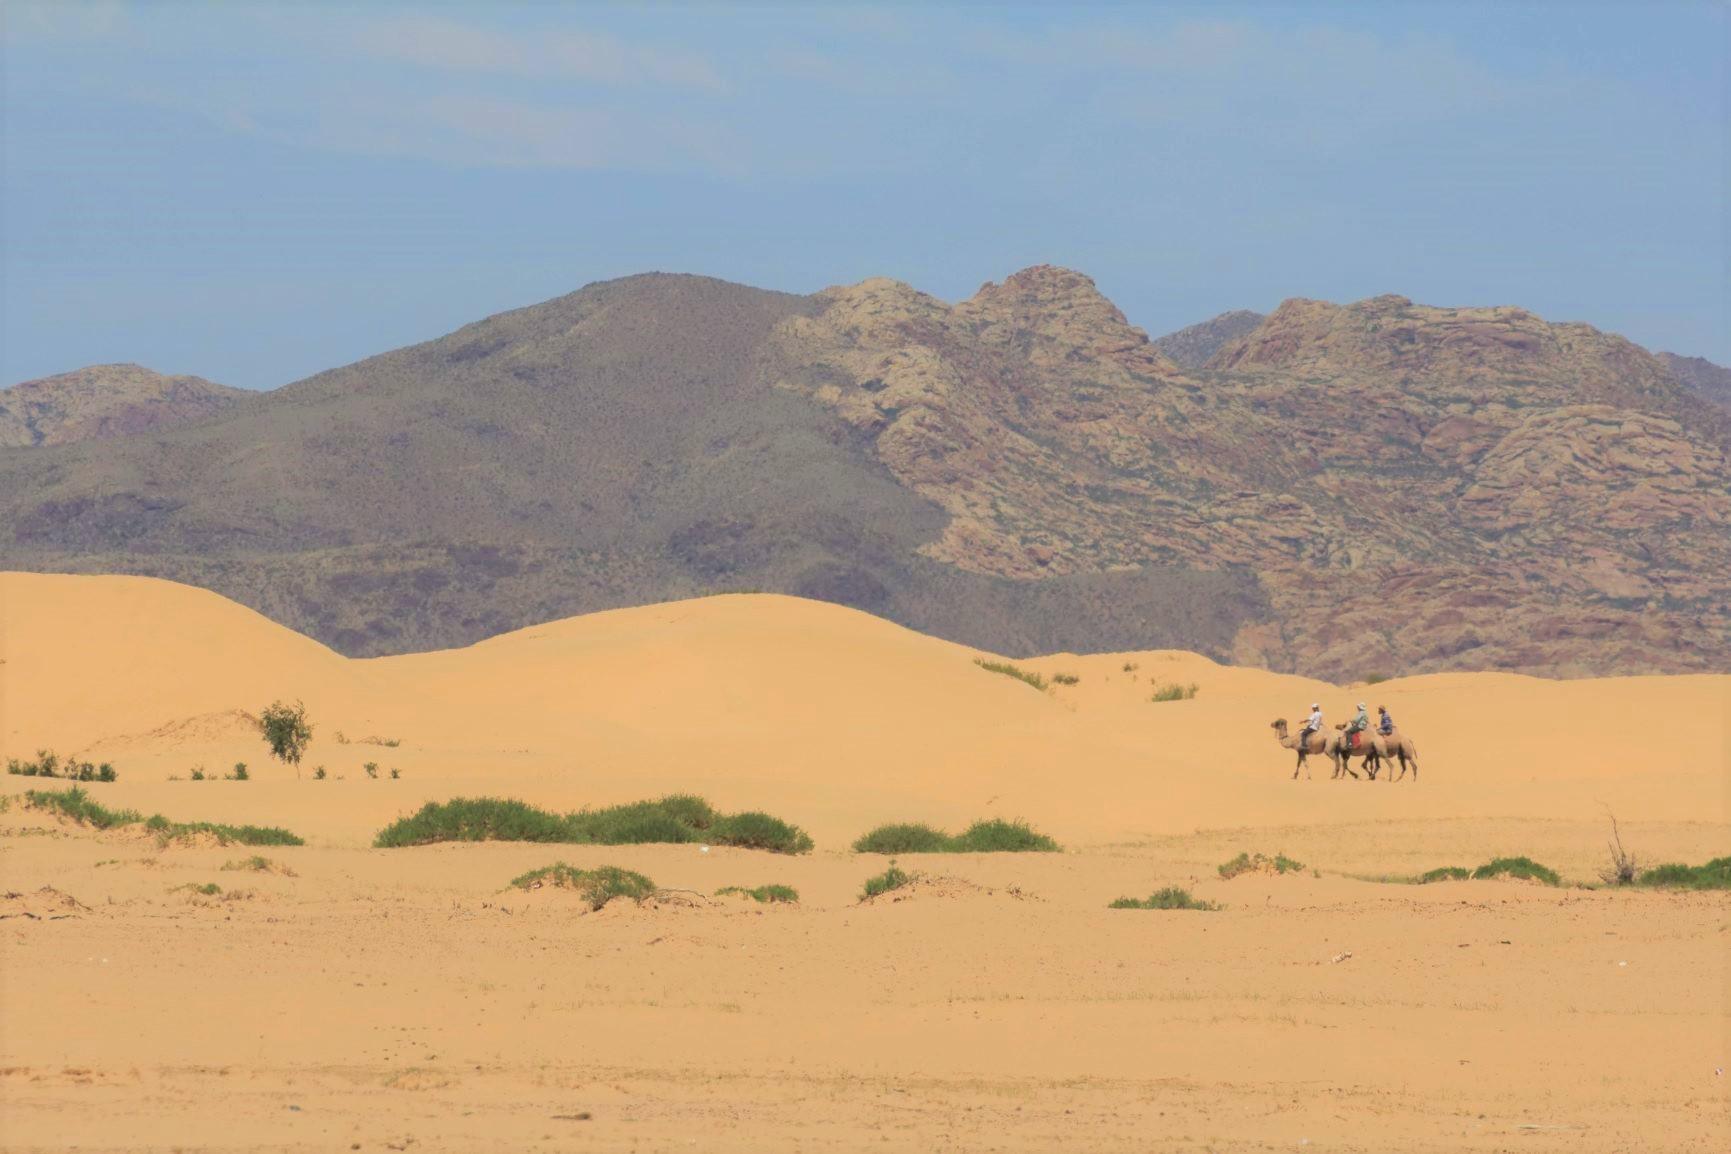 ゴビ砂漠の一部の砂丘地帯